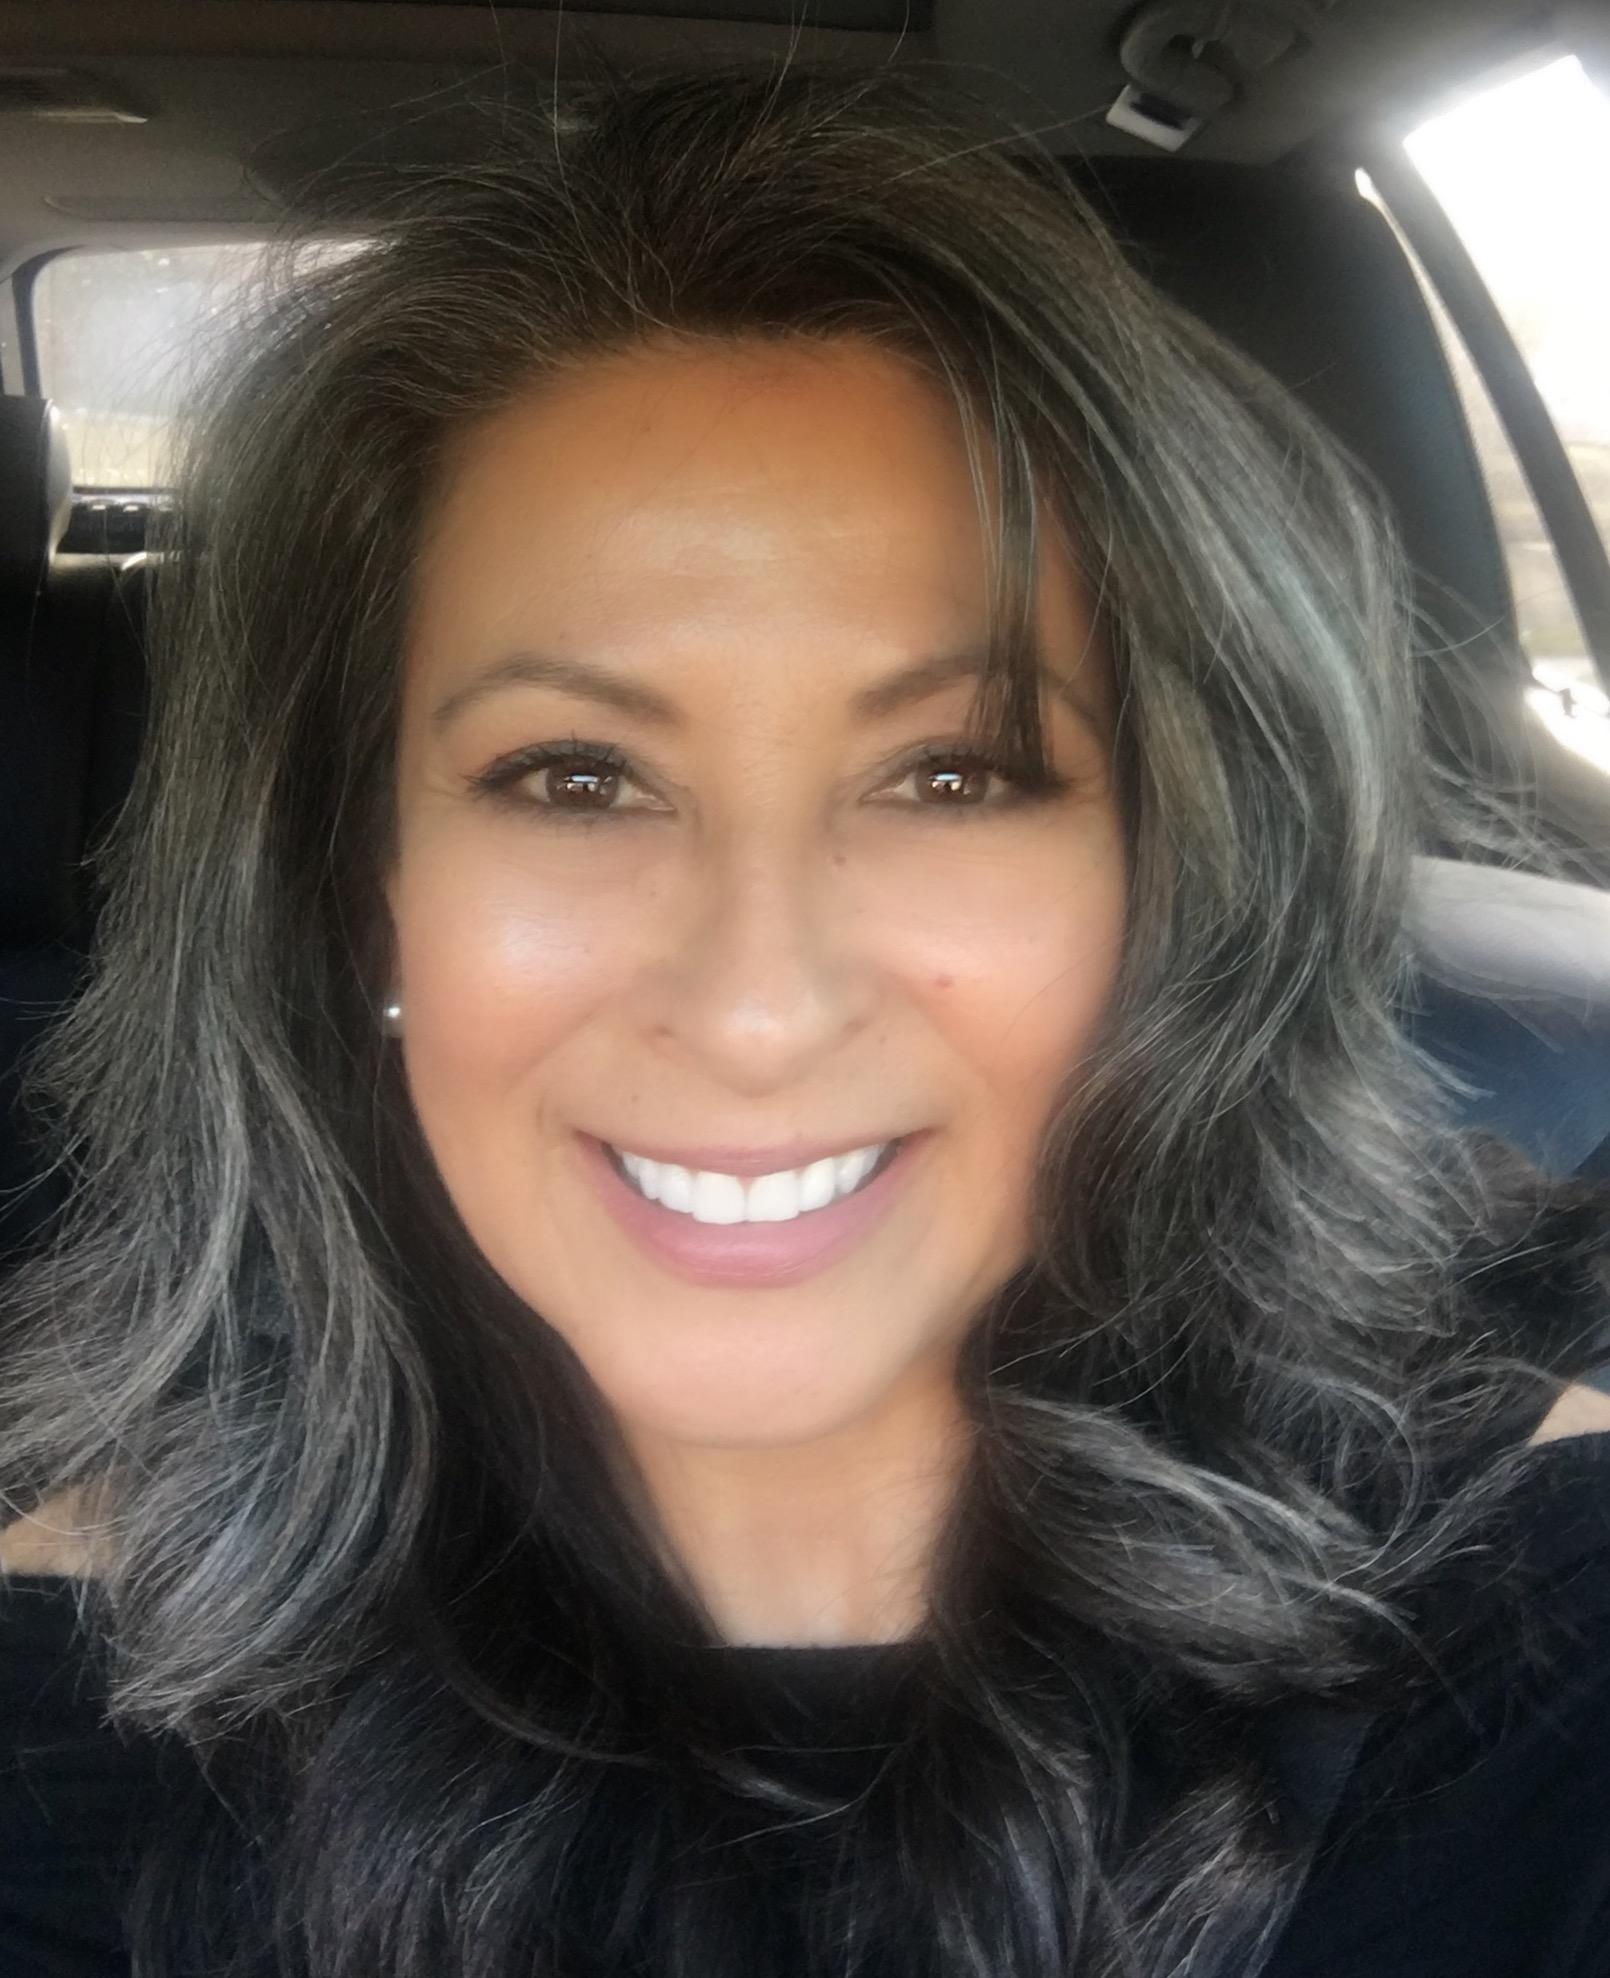 Victoria Morales Wyckoff